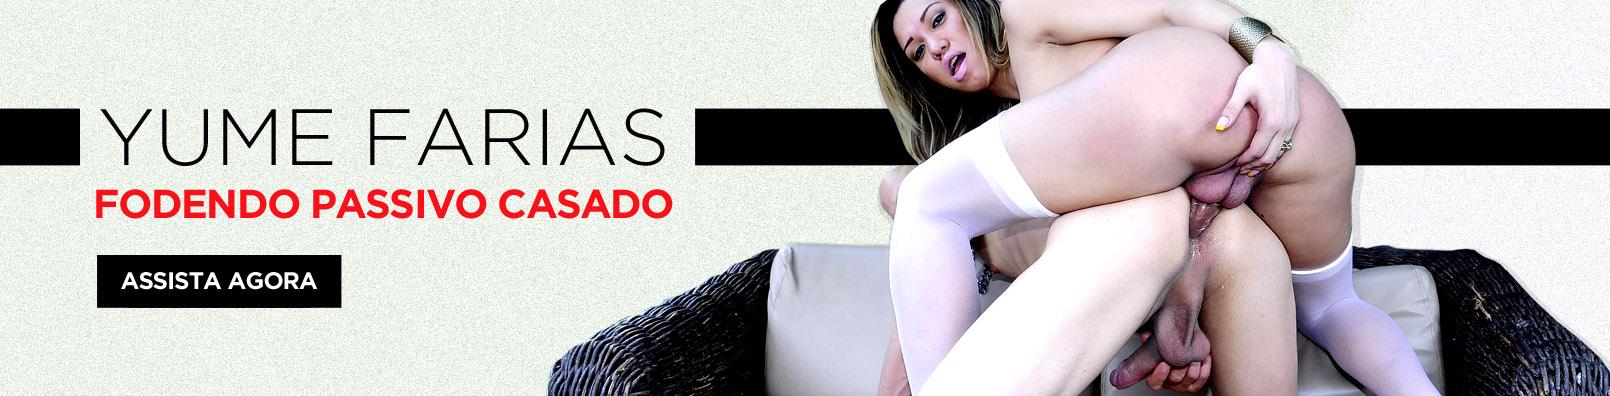 Yume Farias